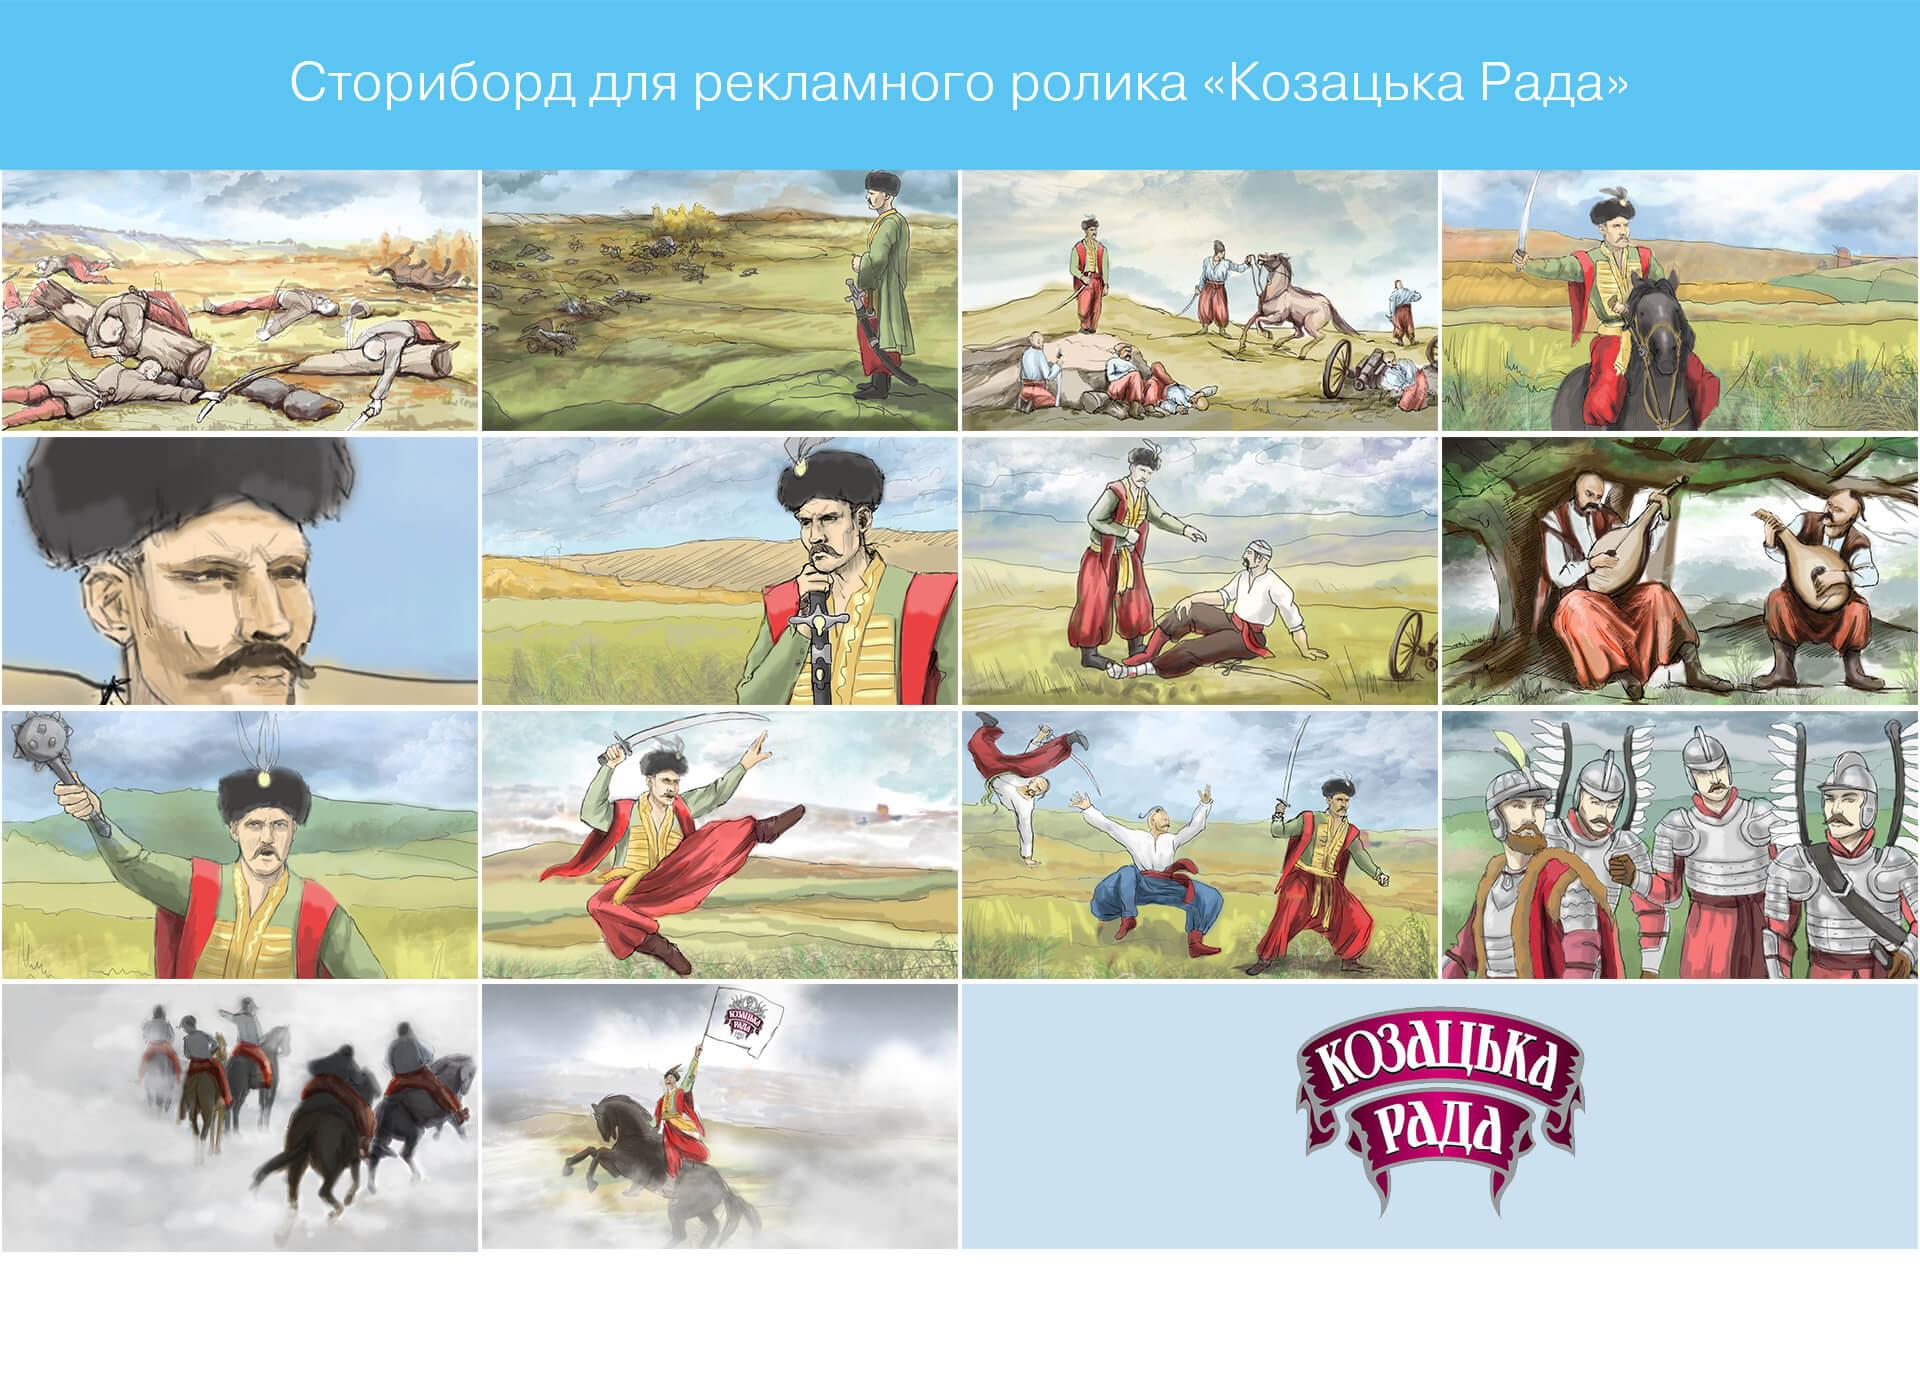 Prokochuk_Irina_storibord_dlya_reklamnogo_rolika_kozatska_rada_2